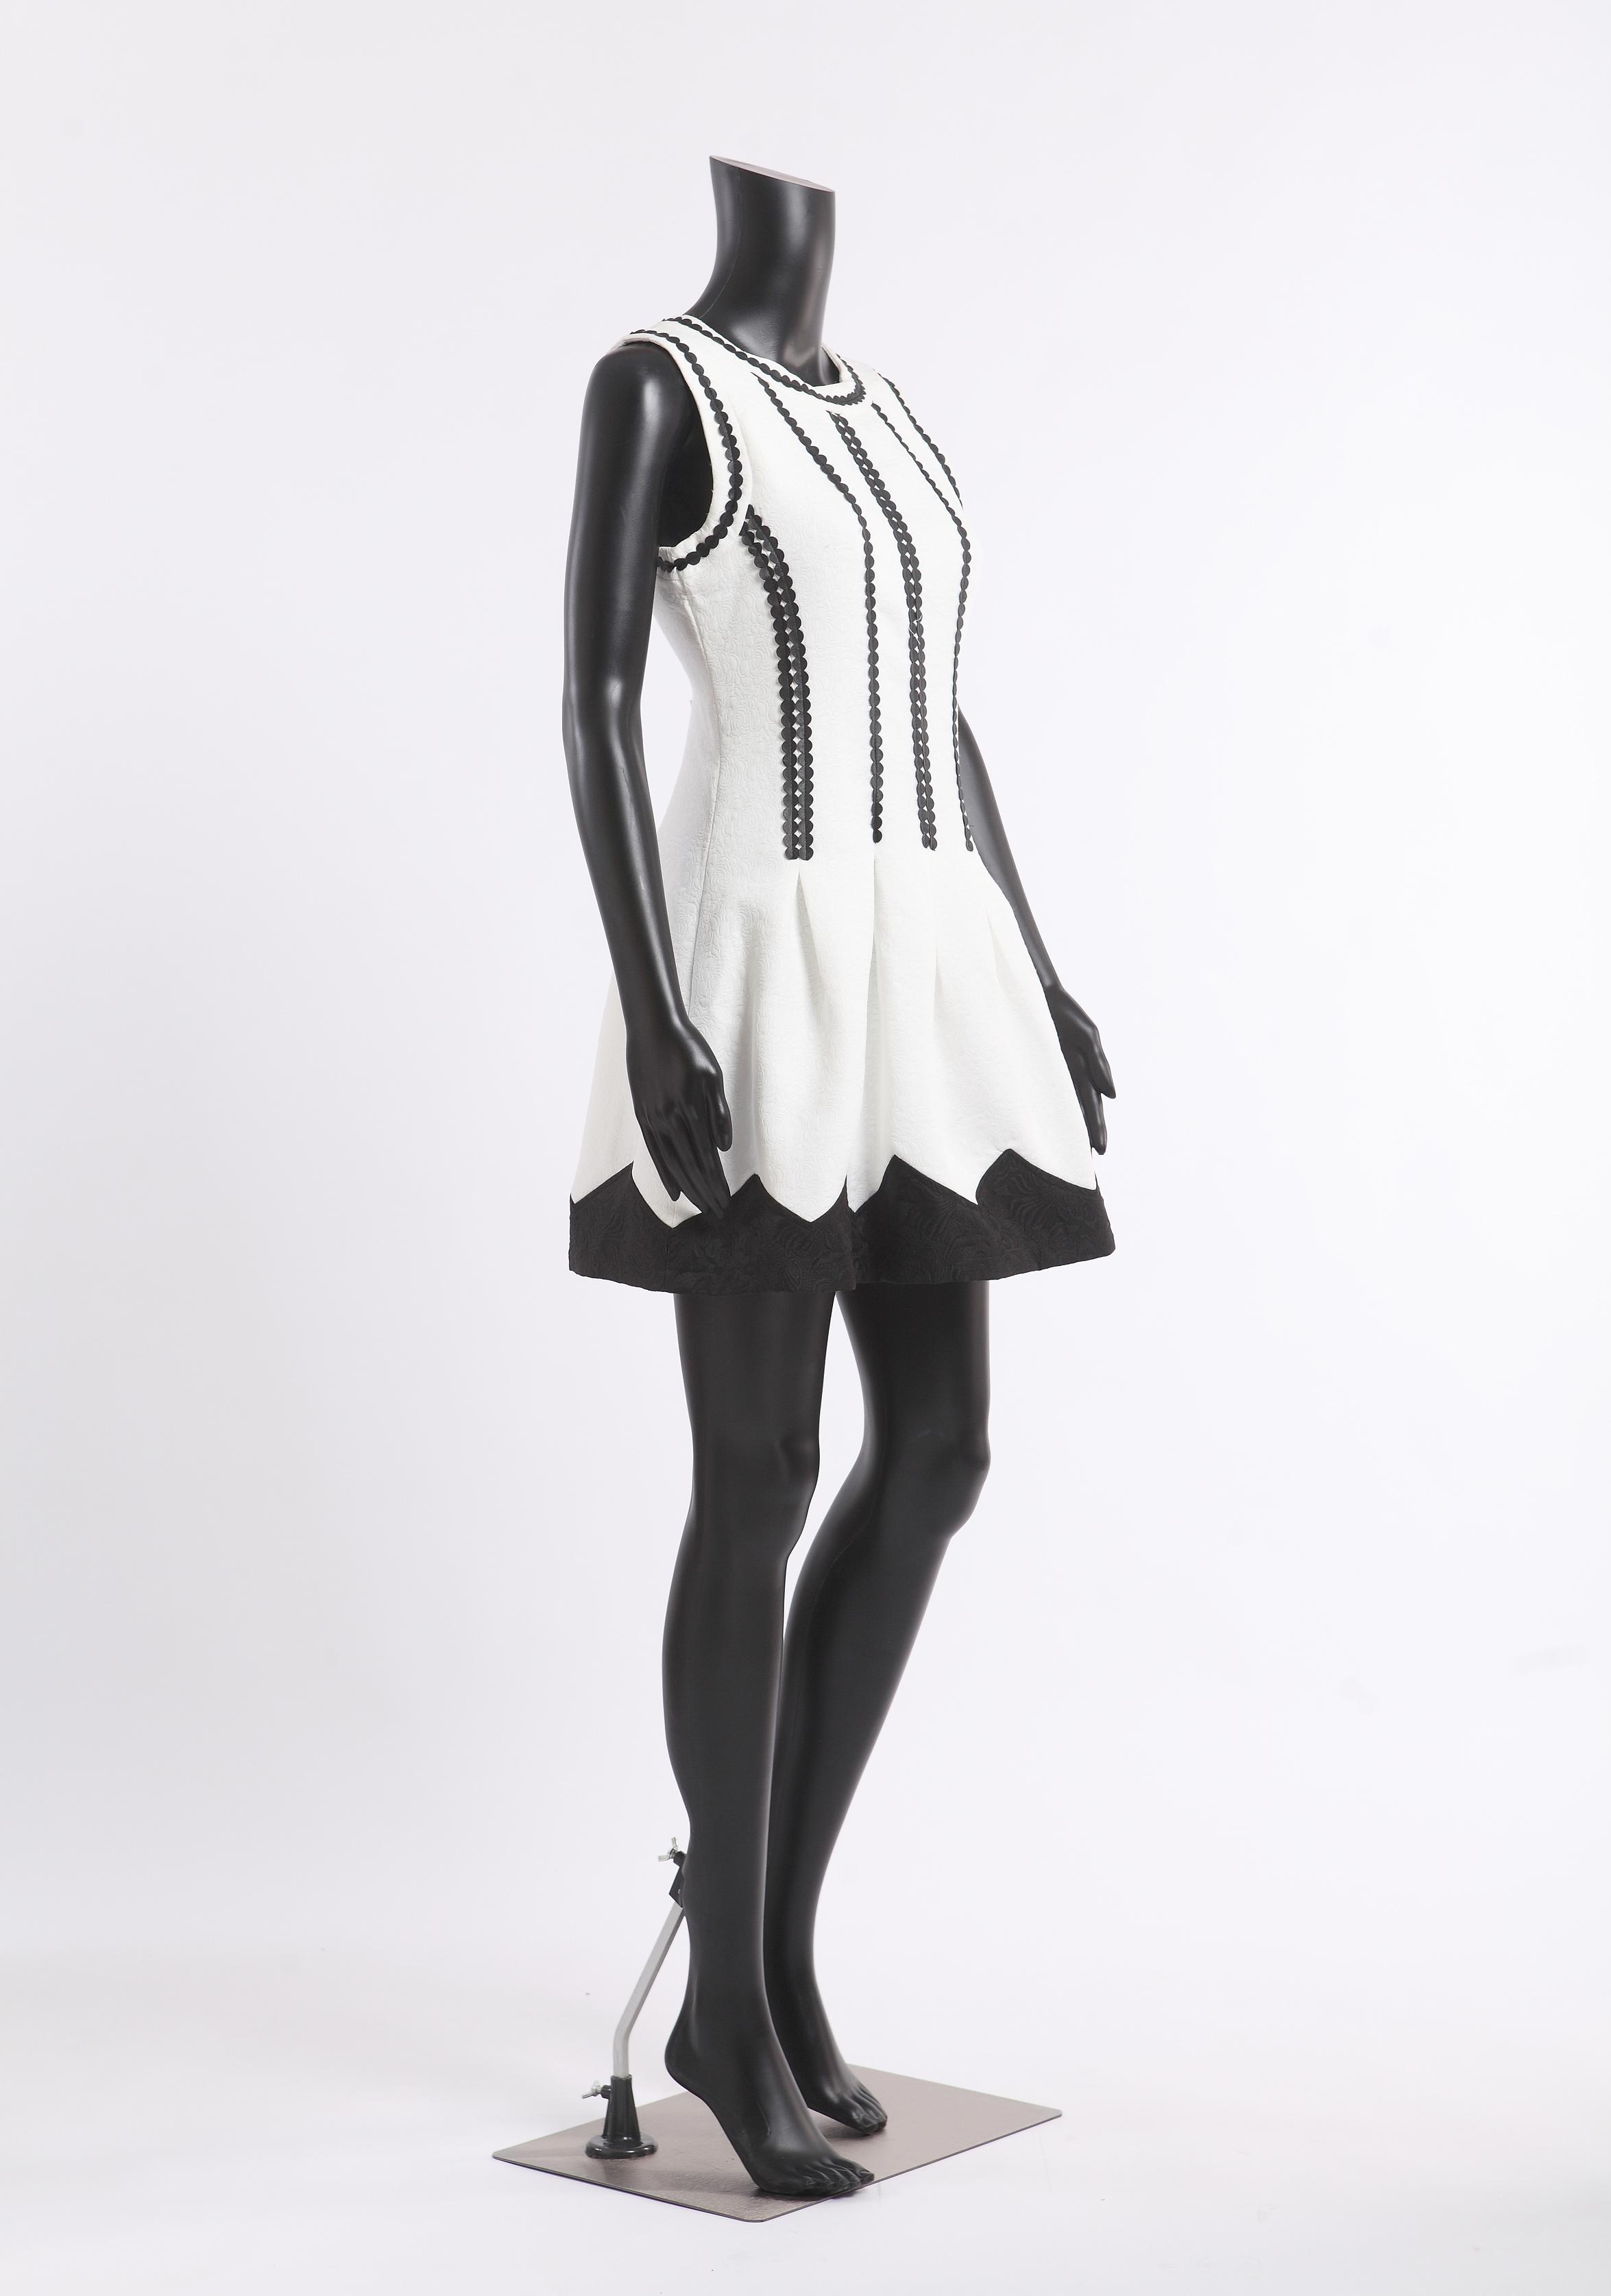 fb7black abstrakt weiblich schaufensterpuppe schwarz matt ohne kopf mannequin ebay. Black Bedroom Furniture Sets. Home Design Ideas